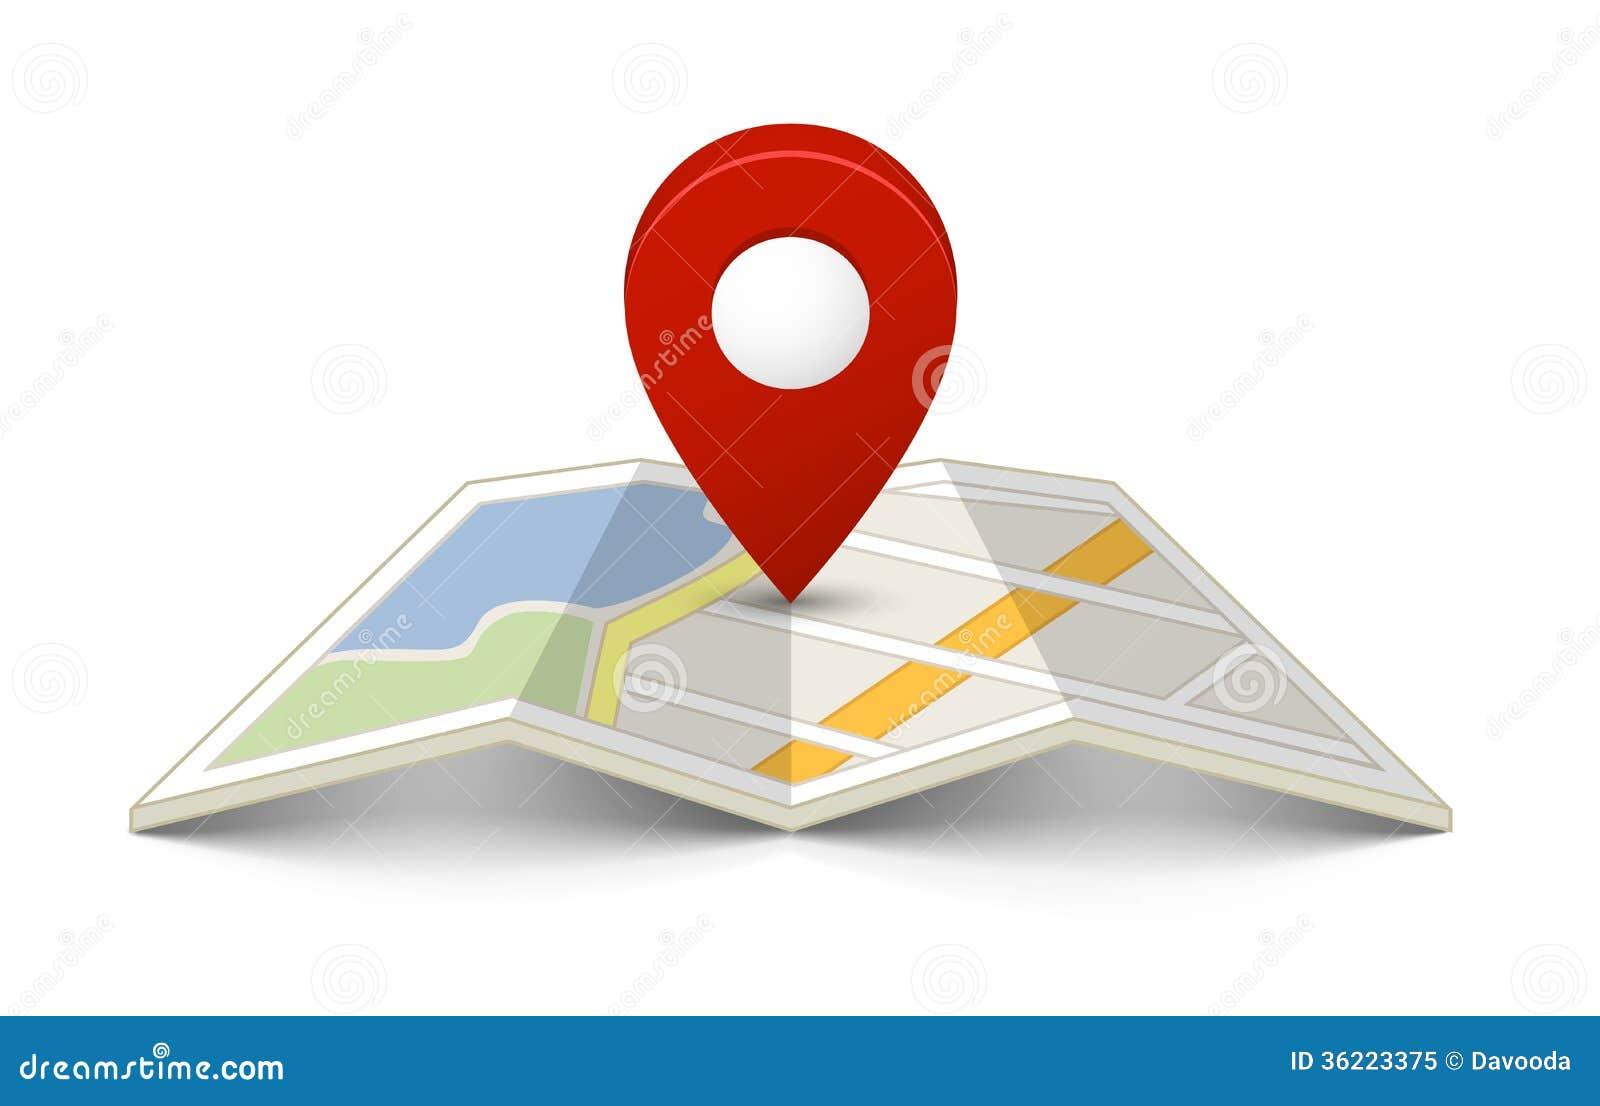 Karte mit einem Stift